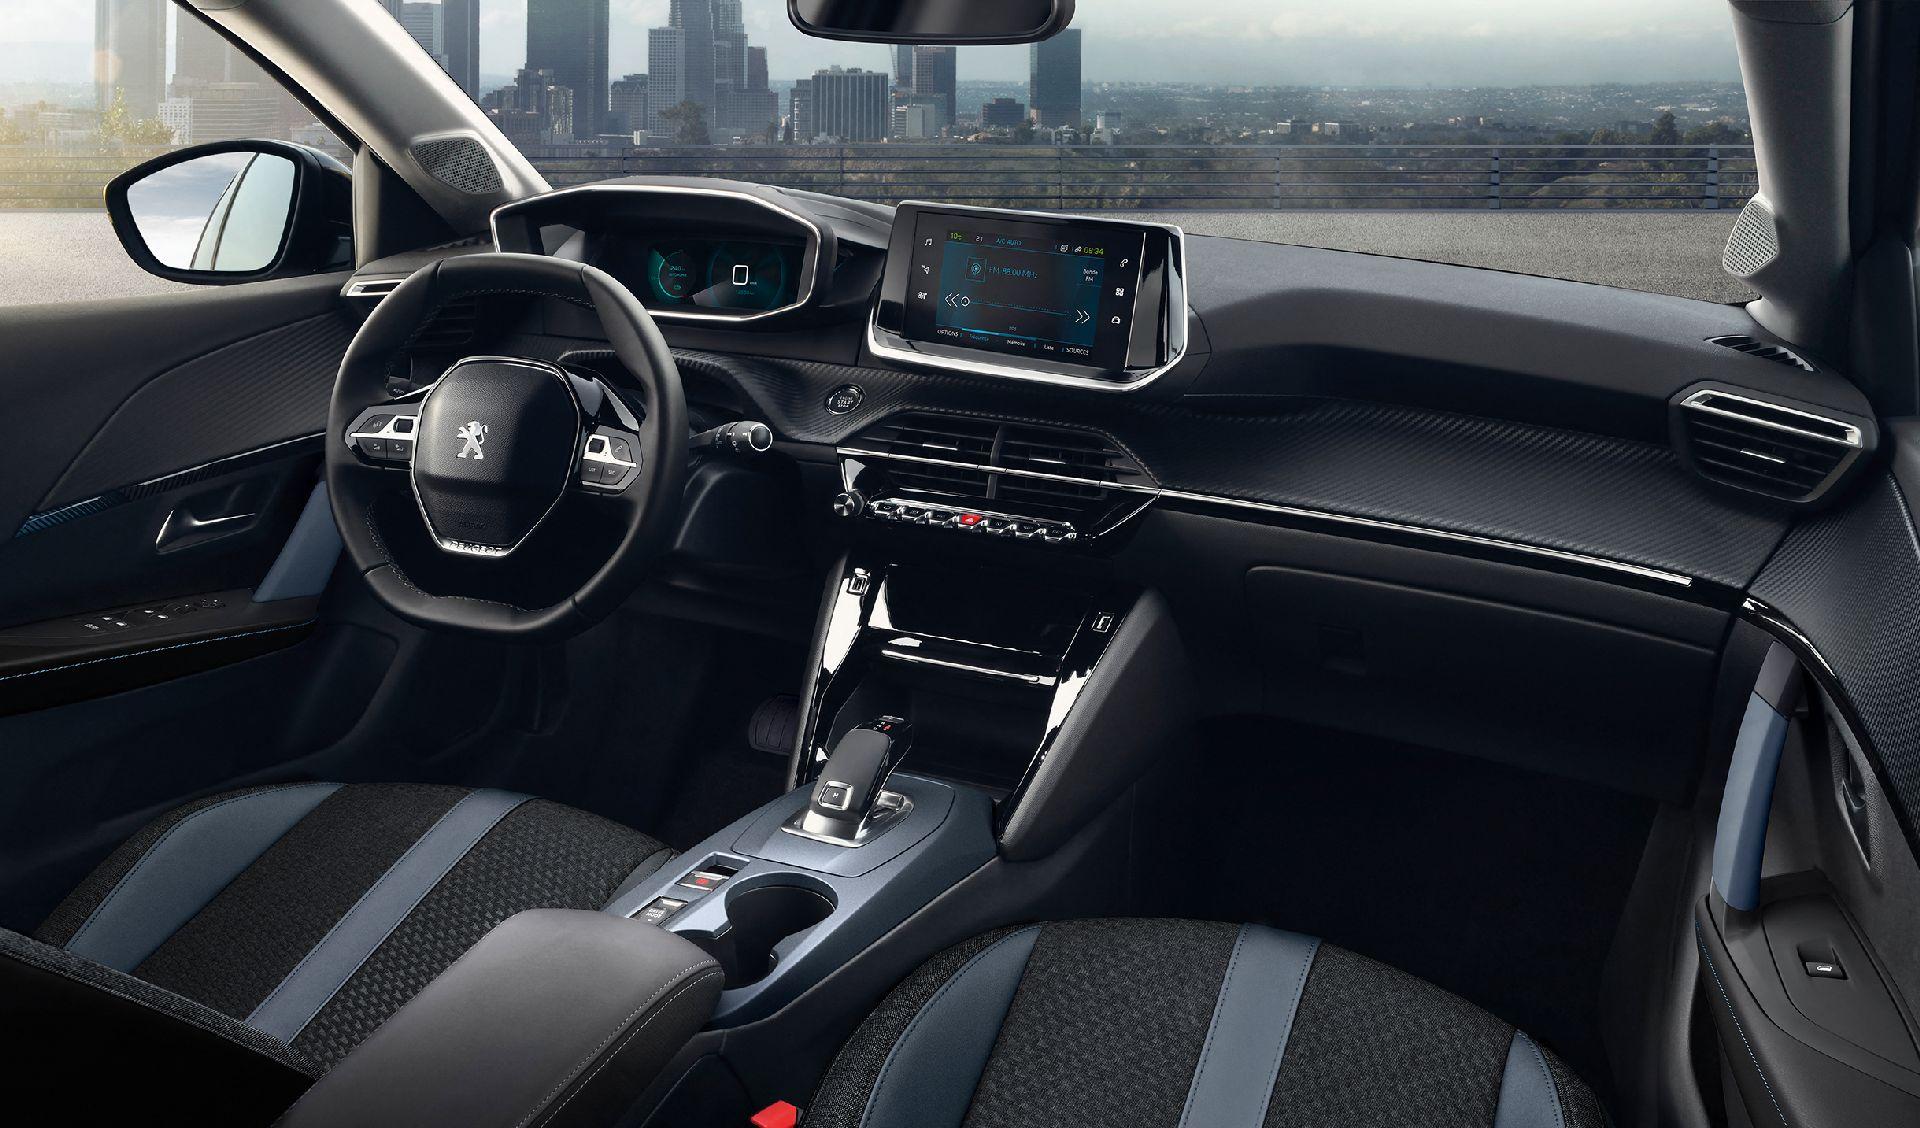 Peugeot giới thiệu thế hệ mới 2008 có thêm phiên bản chạy hoàn toàn bằng điện - 19